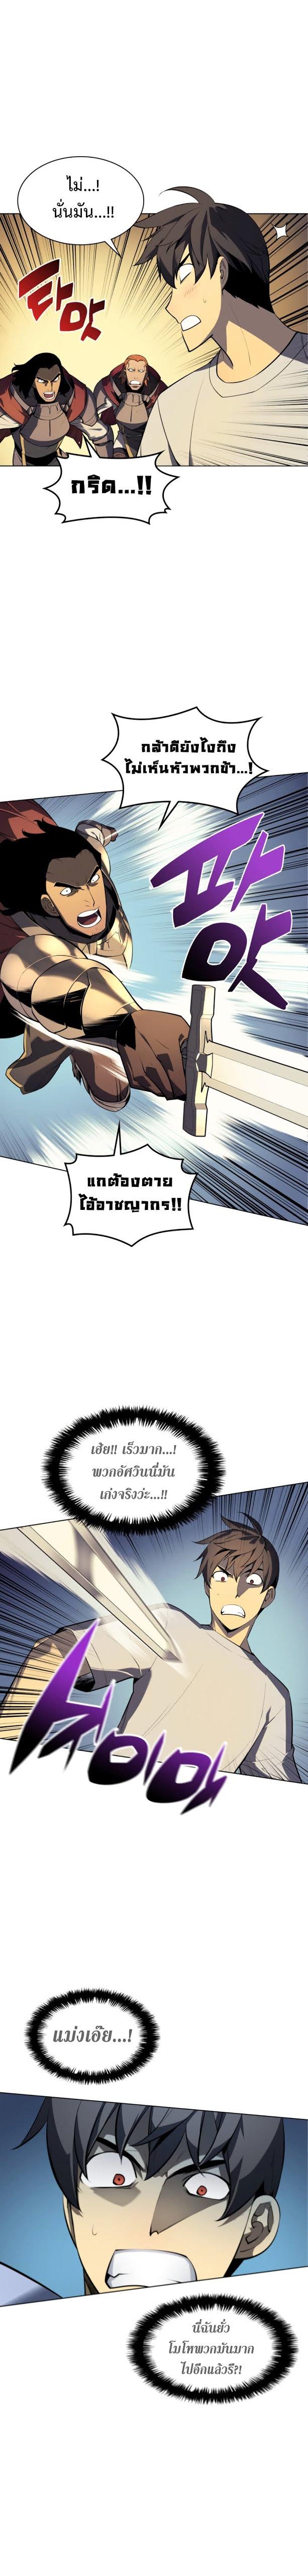 อ่านการ์ตูน Overgeared (Remake) ตอนที่ 27 หน้าที่ 14